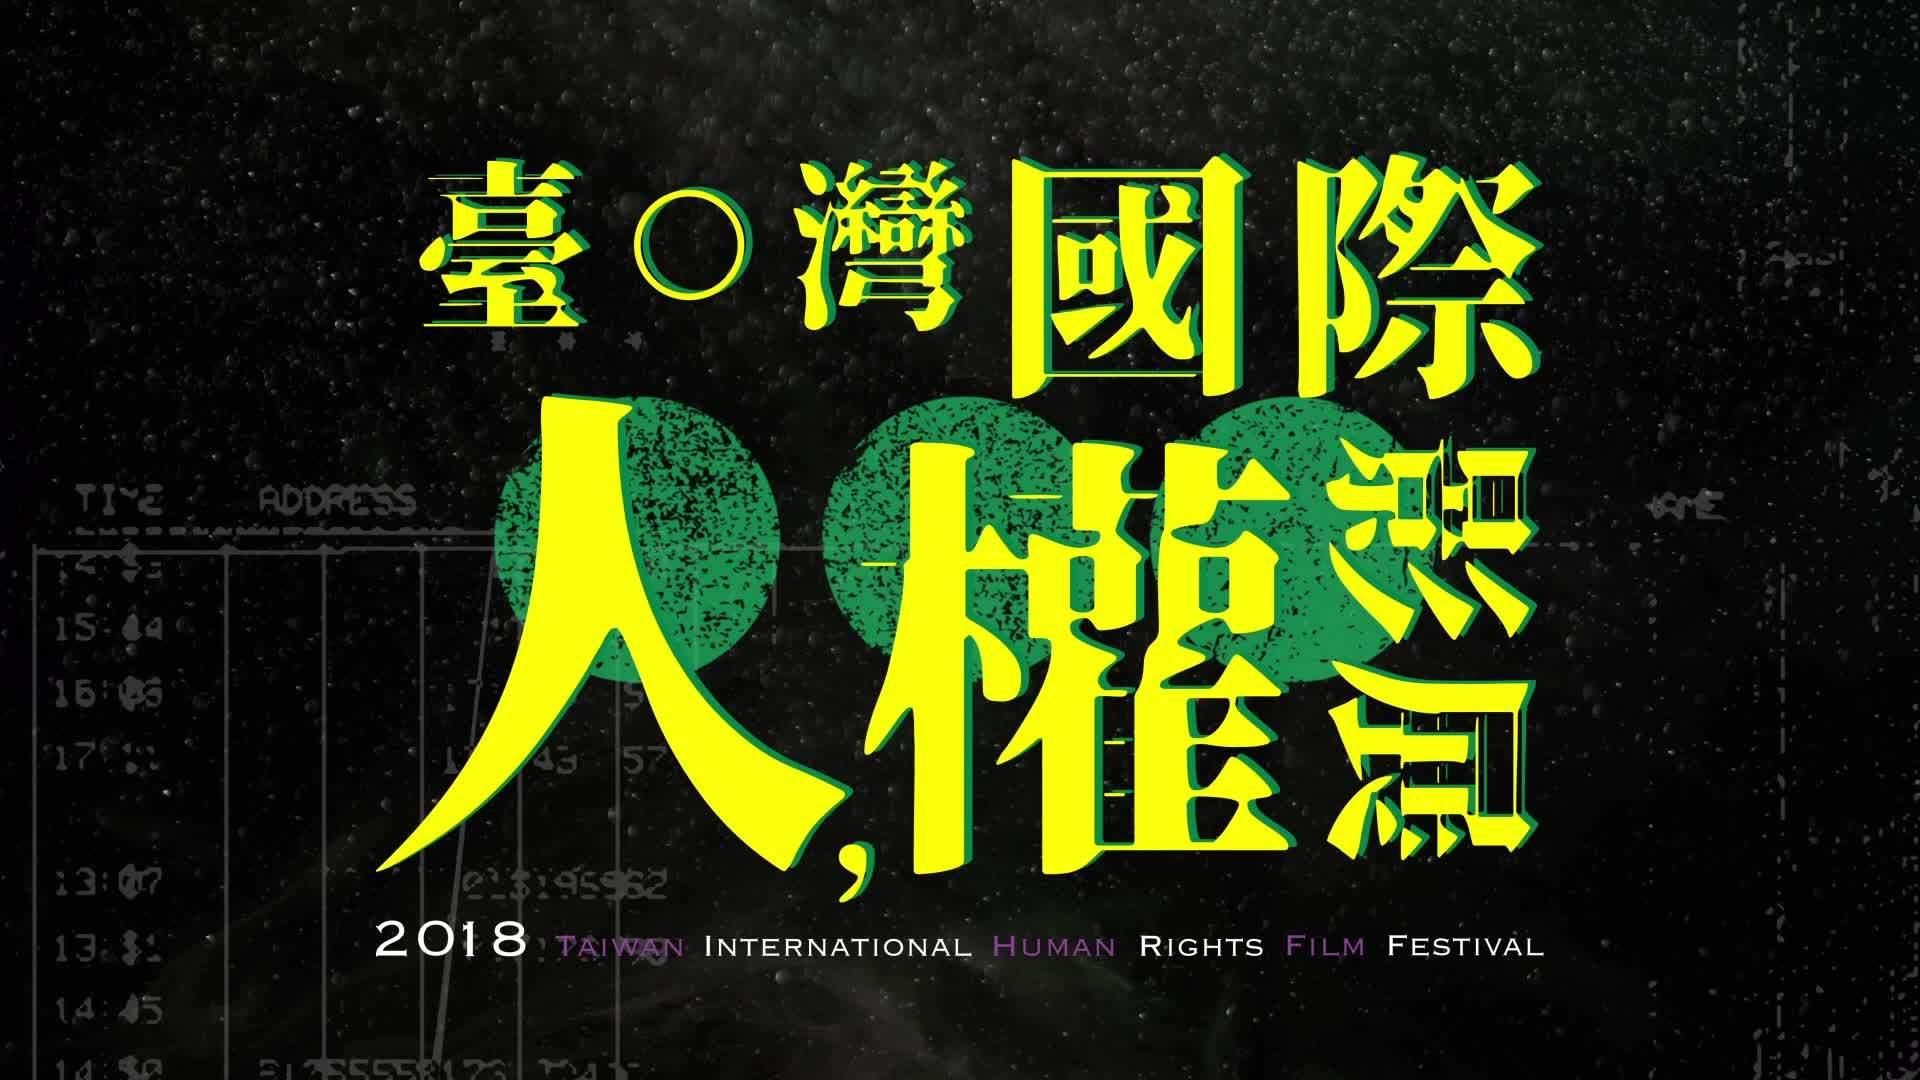 2018臺灣國際人權影展簡介短片